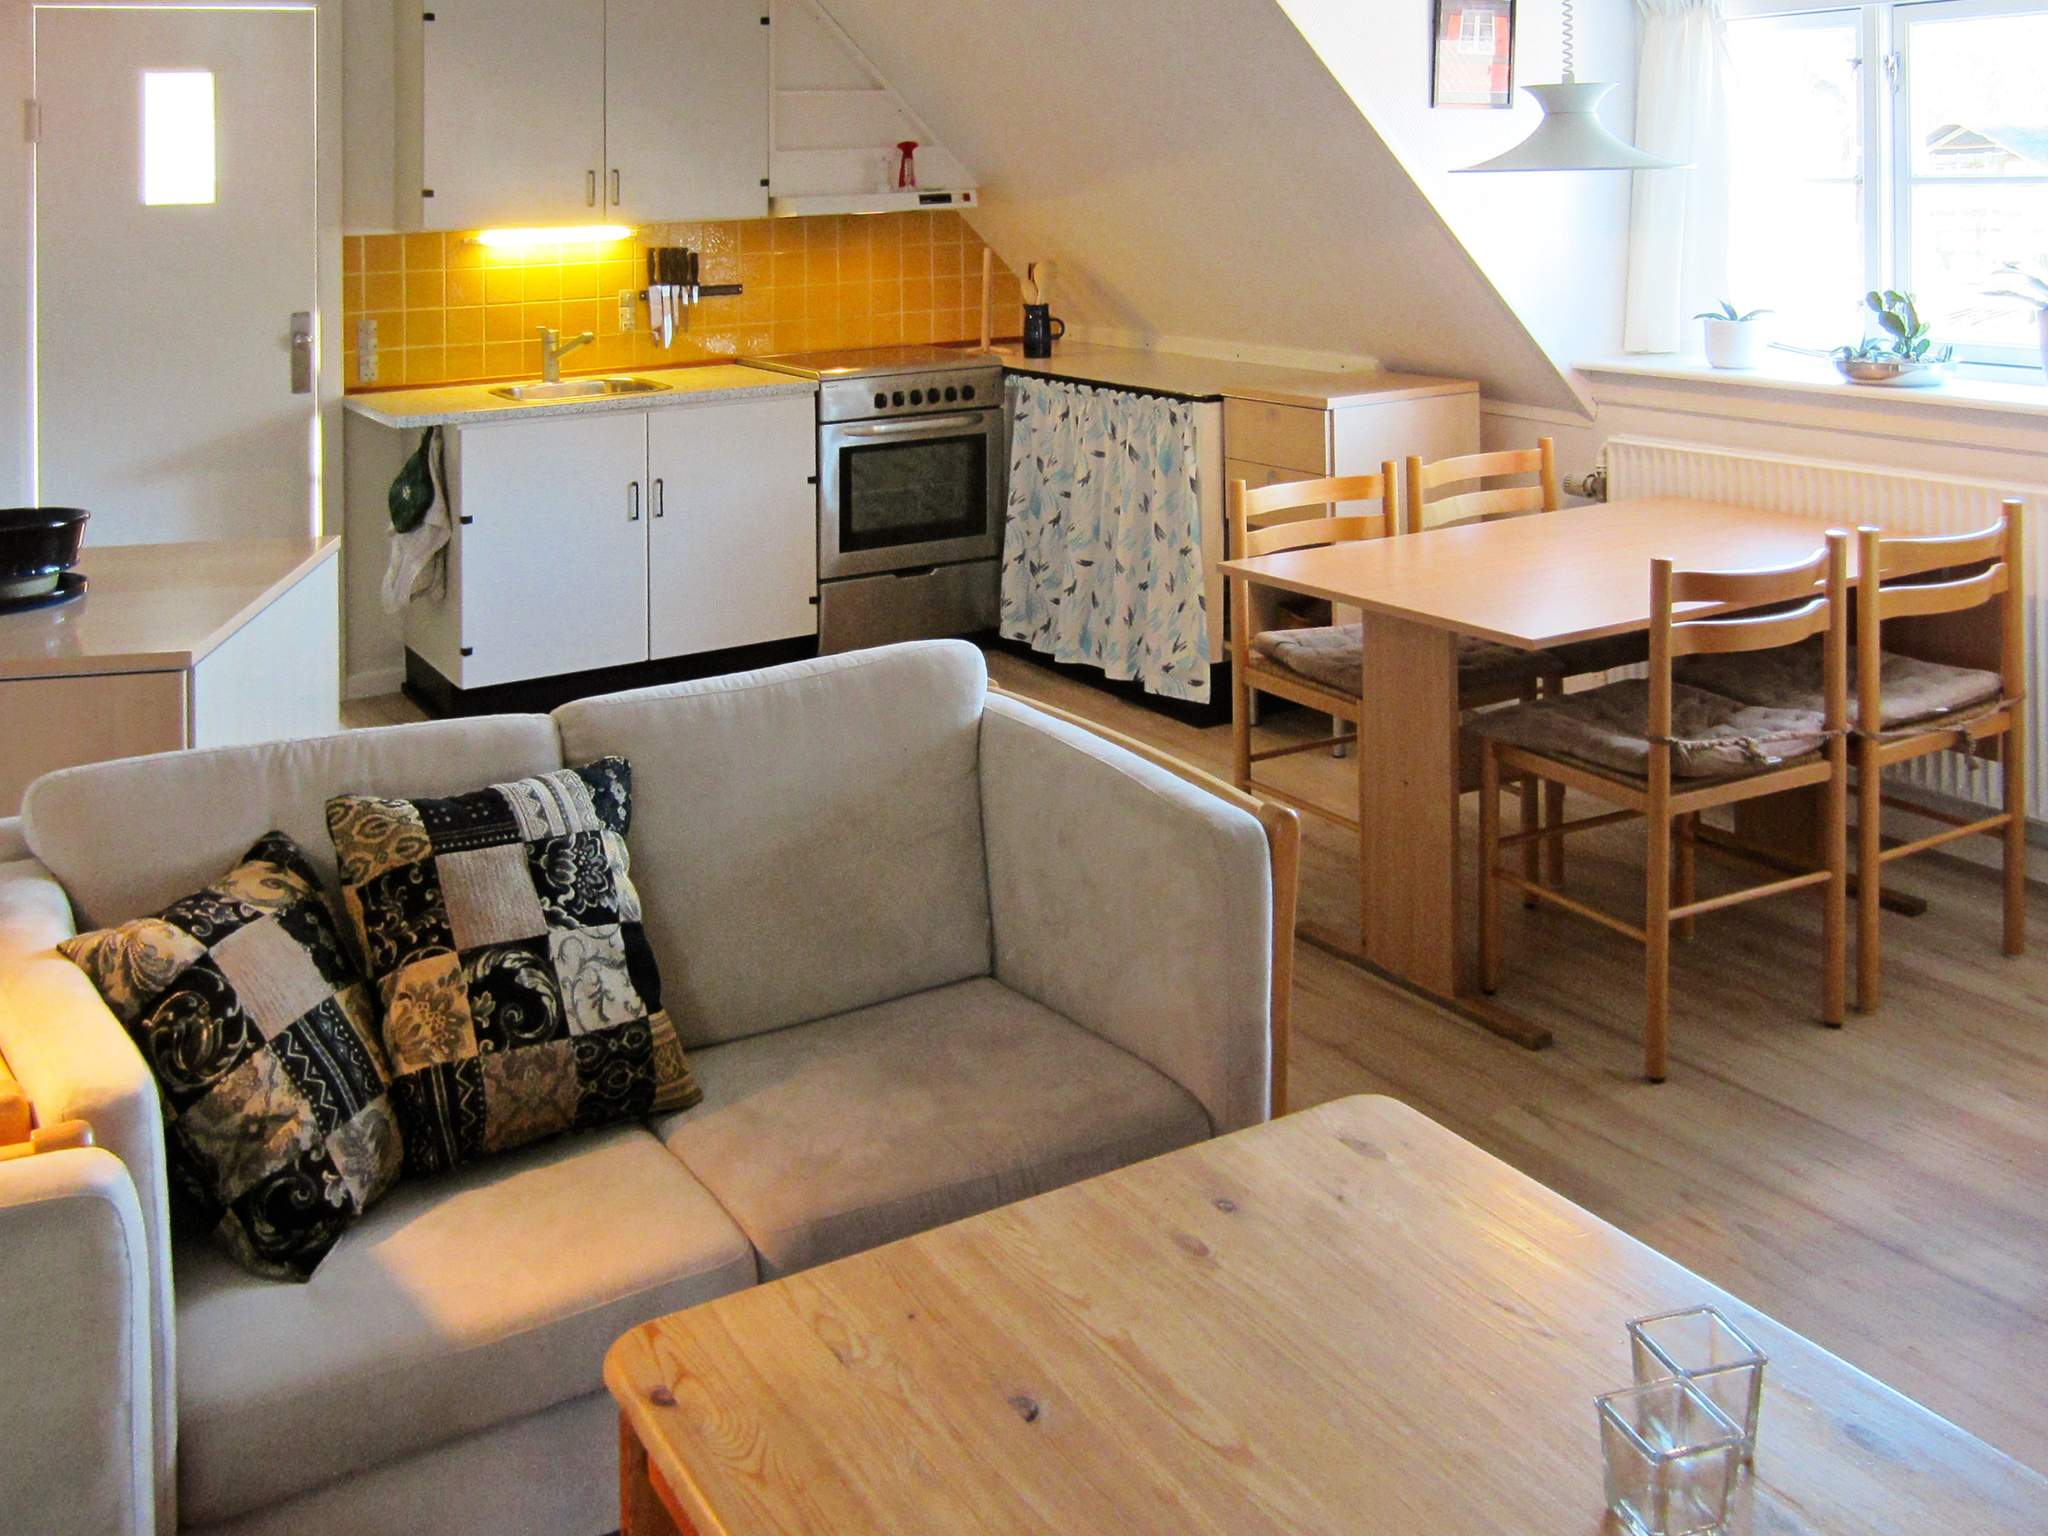 Ferienwohnung Balka Strand (967678), Balke, , Bornholm, Dänemark, Bild 22